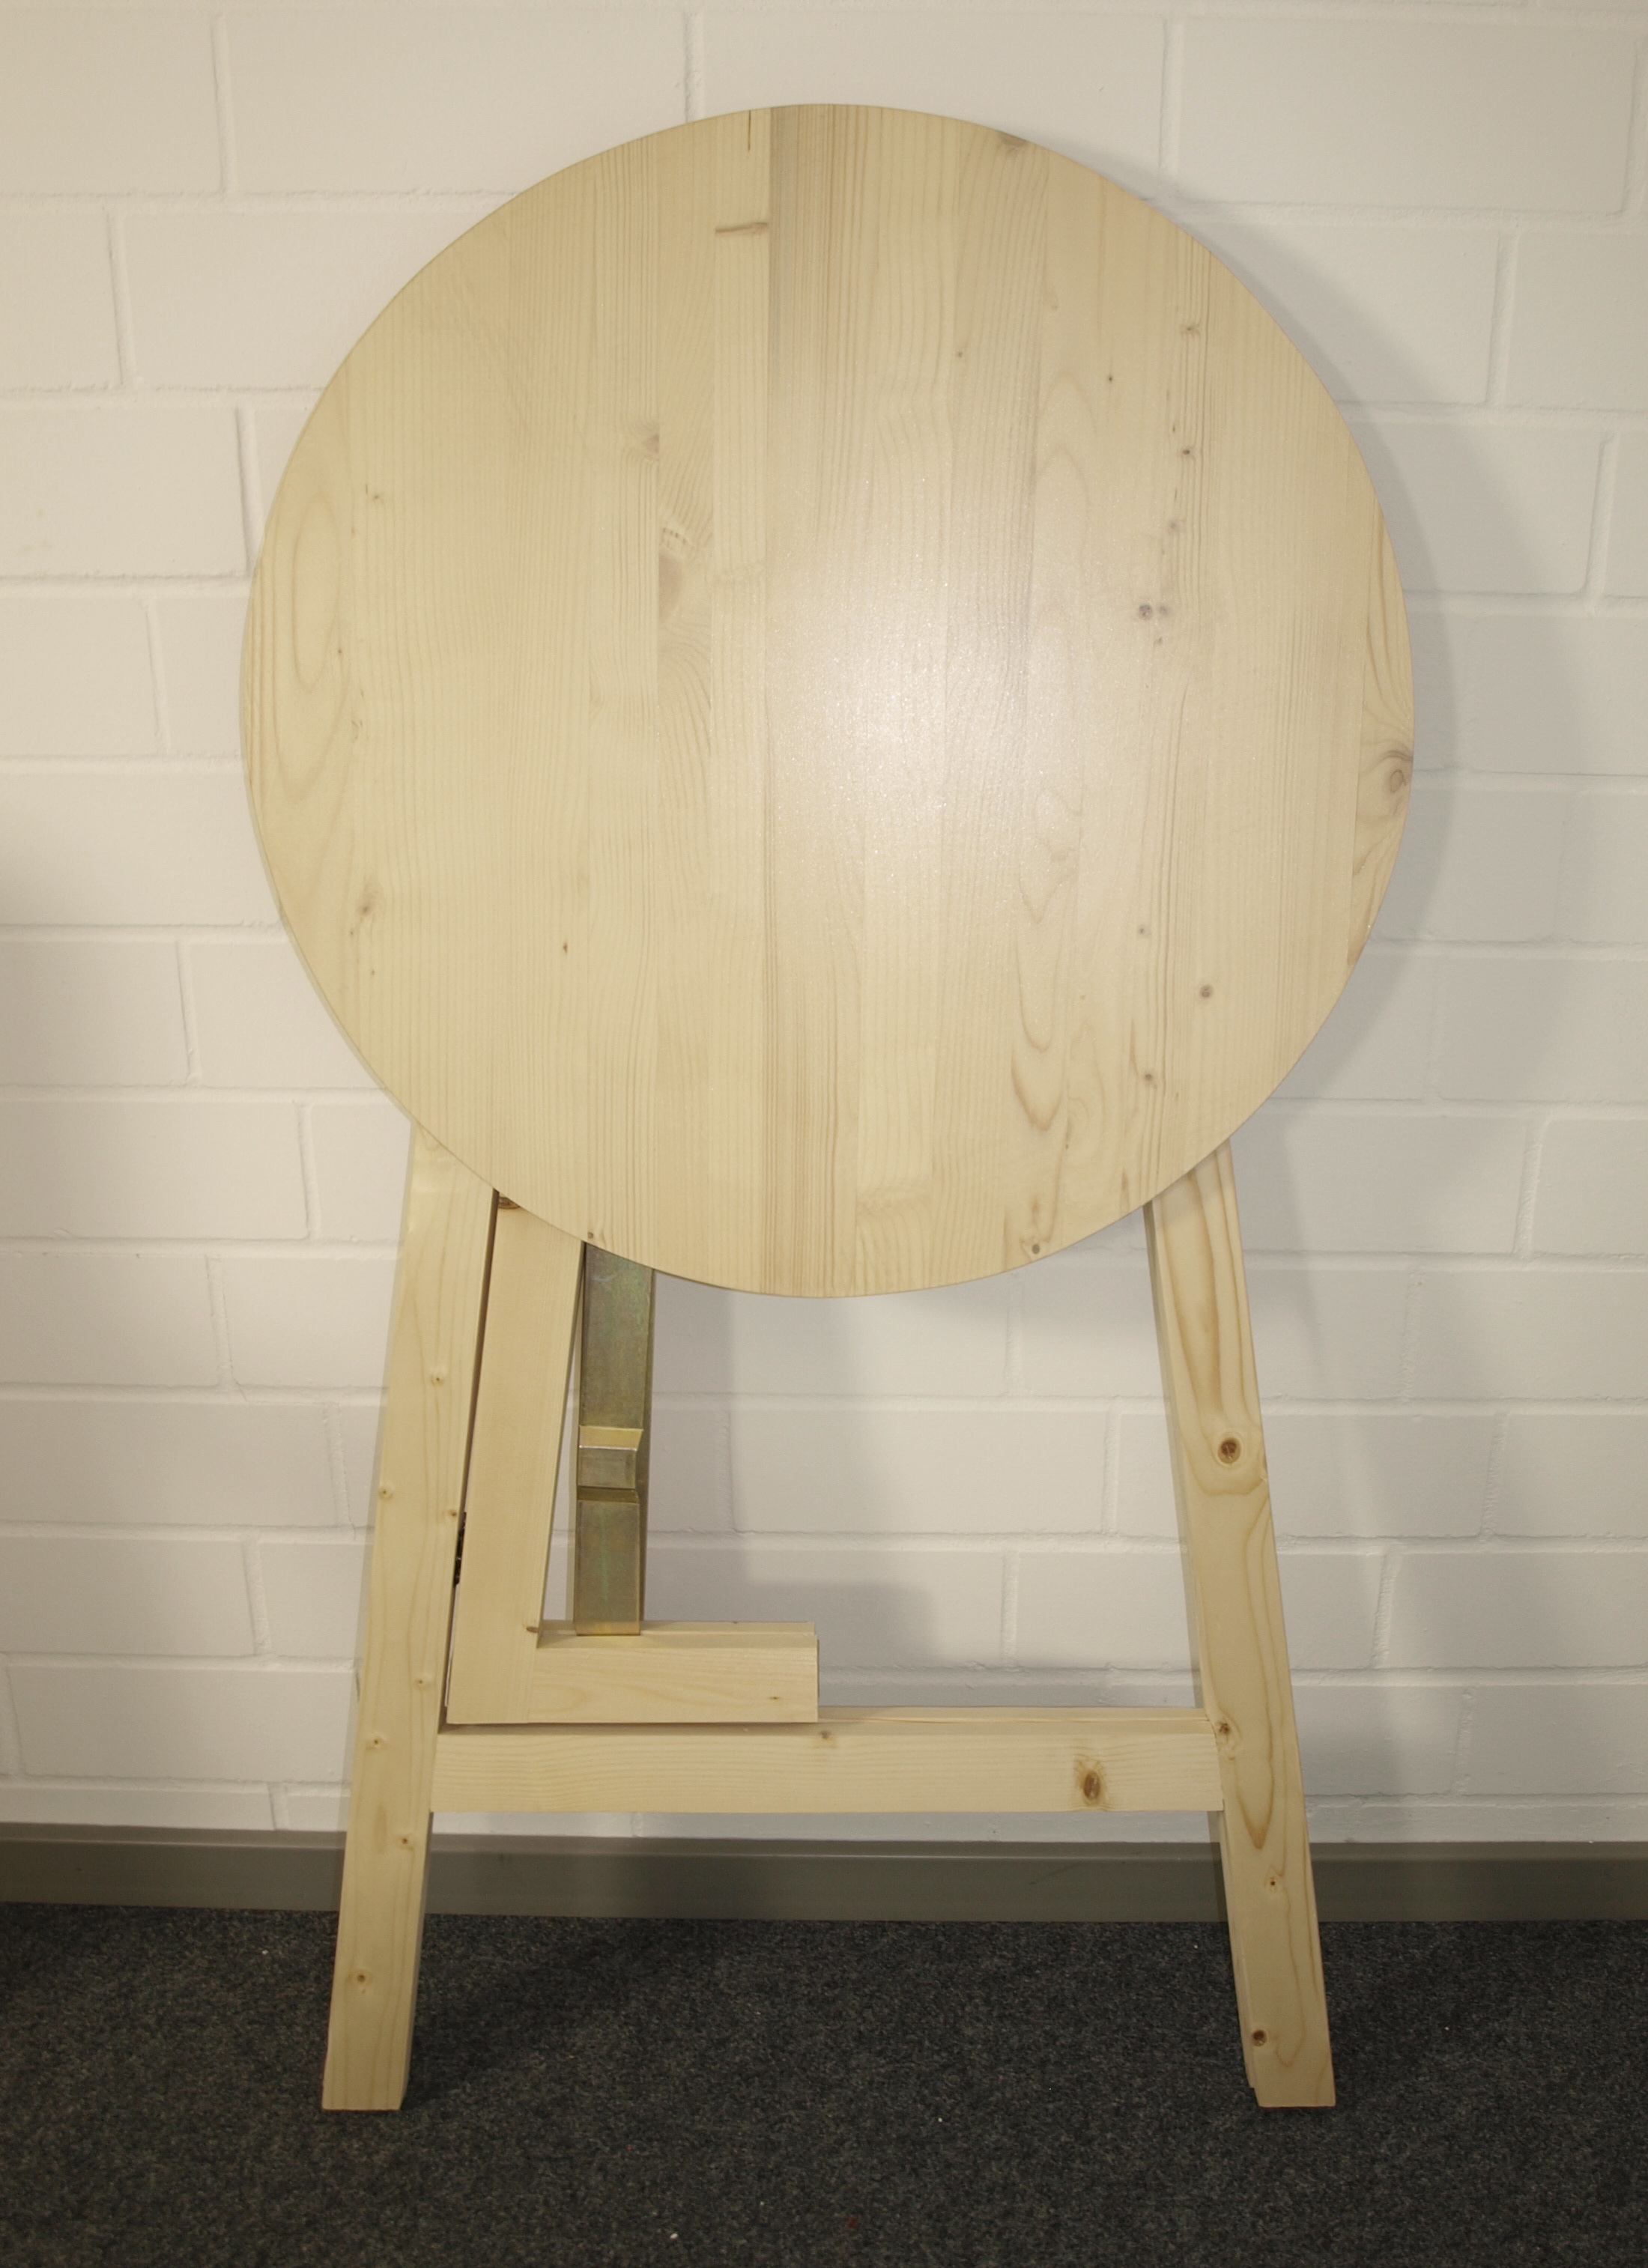 bistrotisch bartisch stehbiertisch stehtisch garmisch massivholz klappbar 78cm ebay. Black Bedroom Furniture Sets. Home Design Ideas